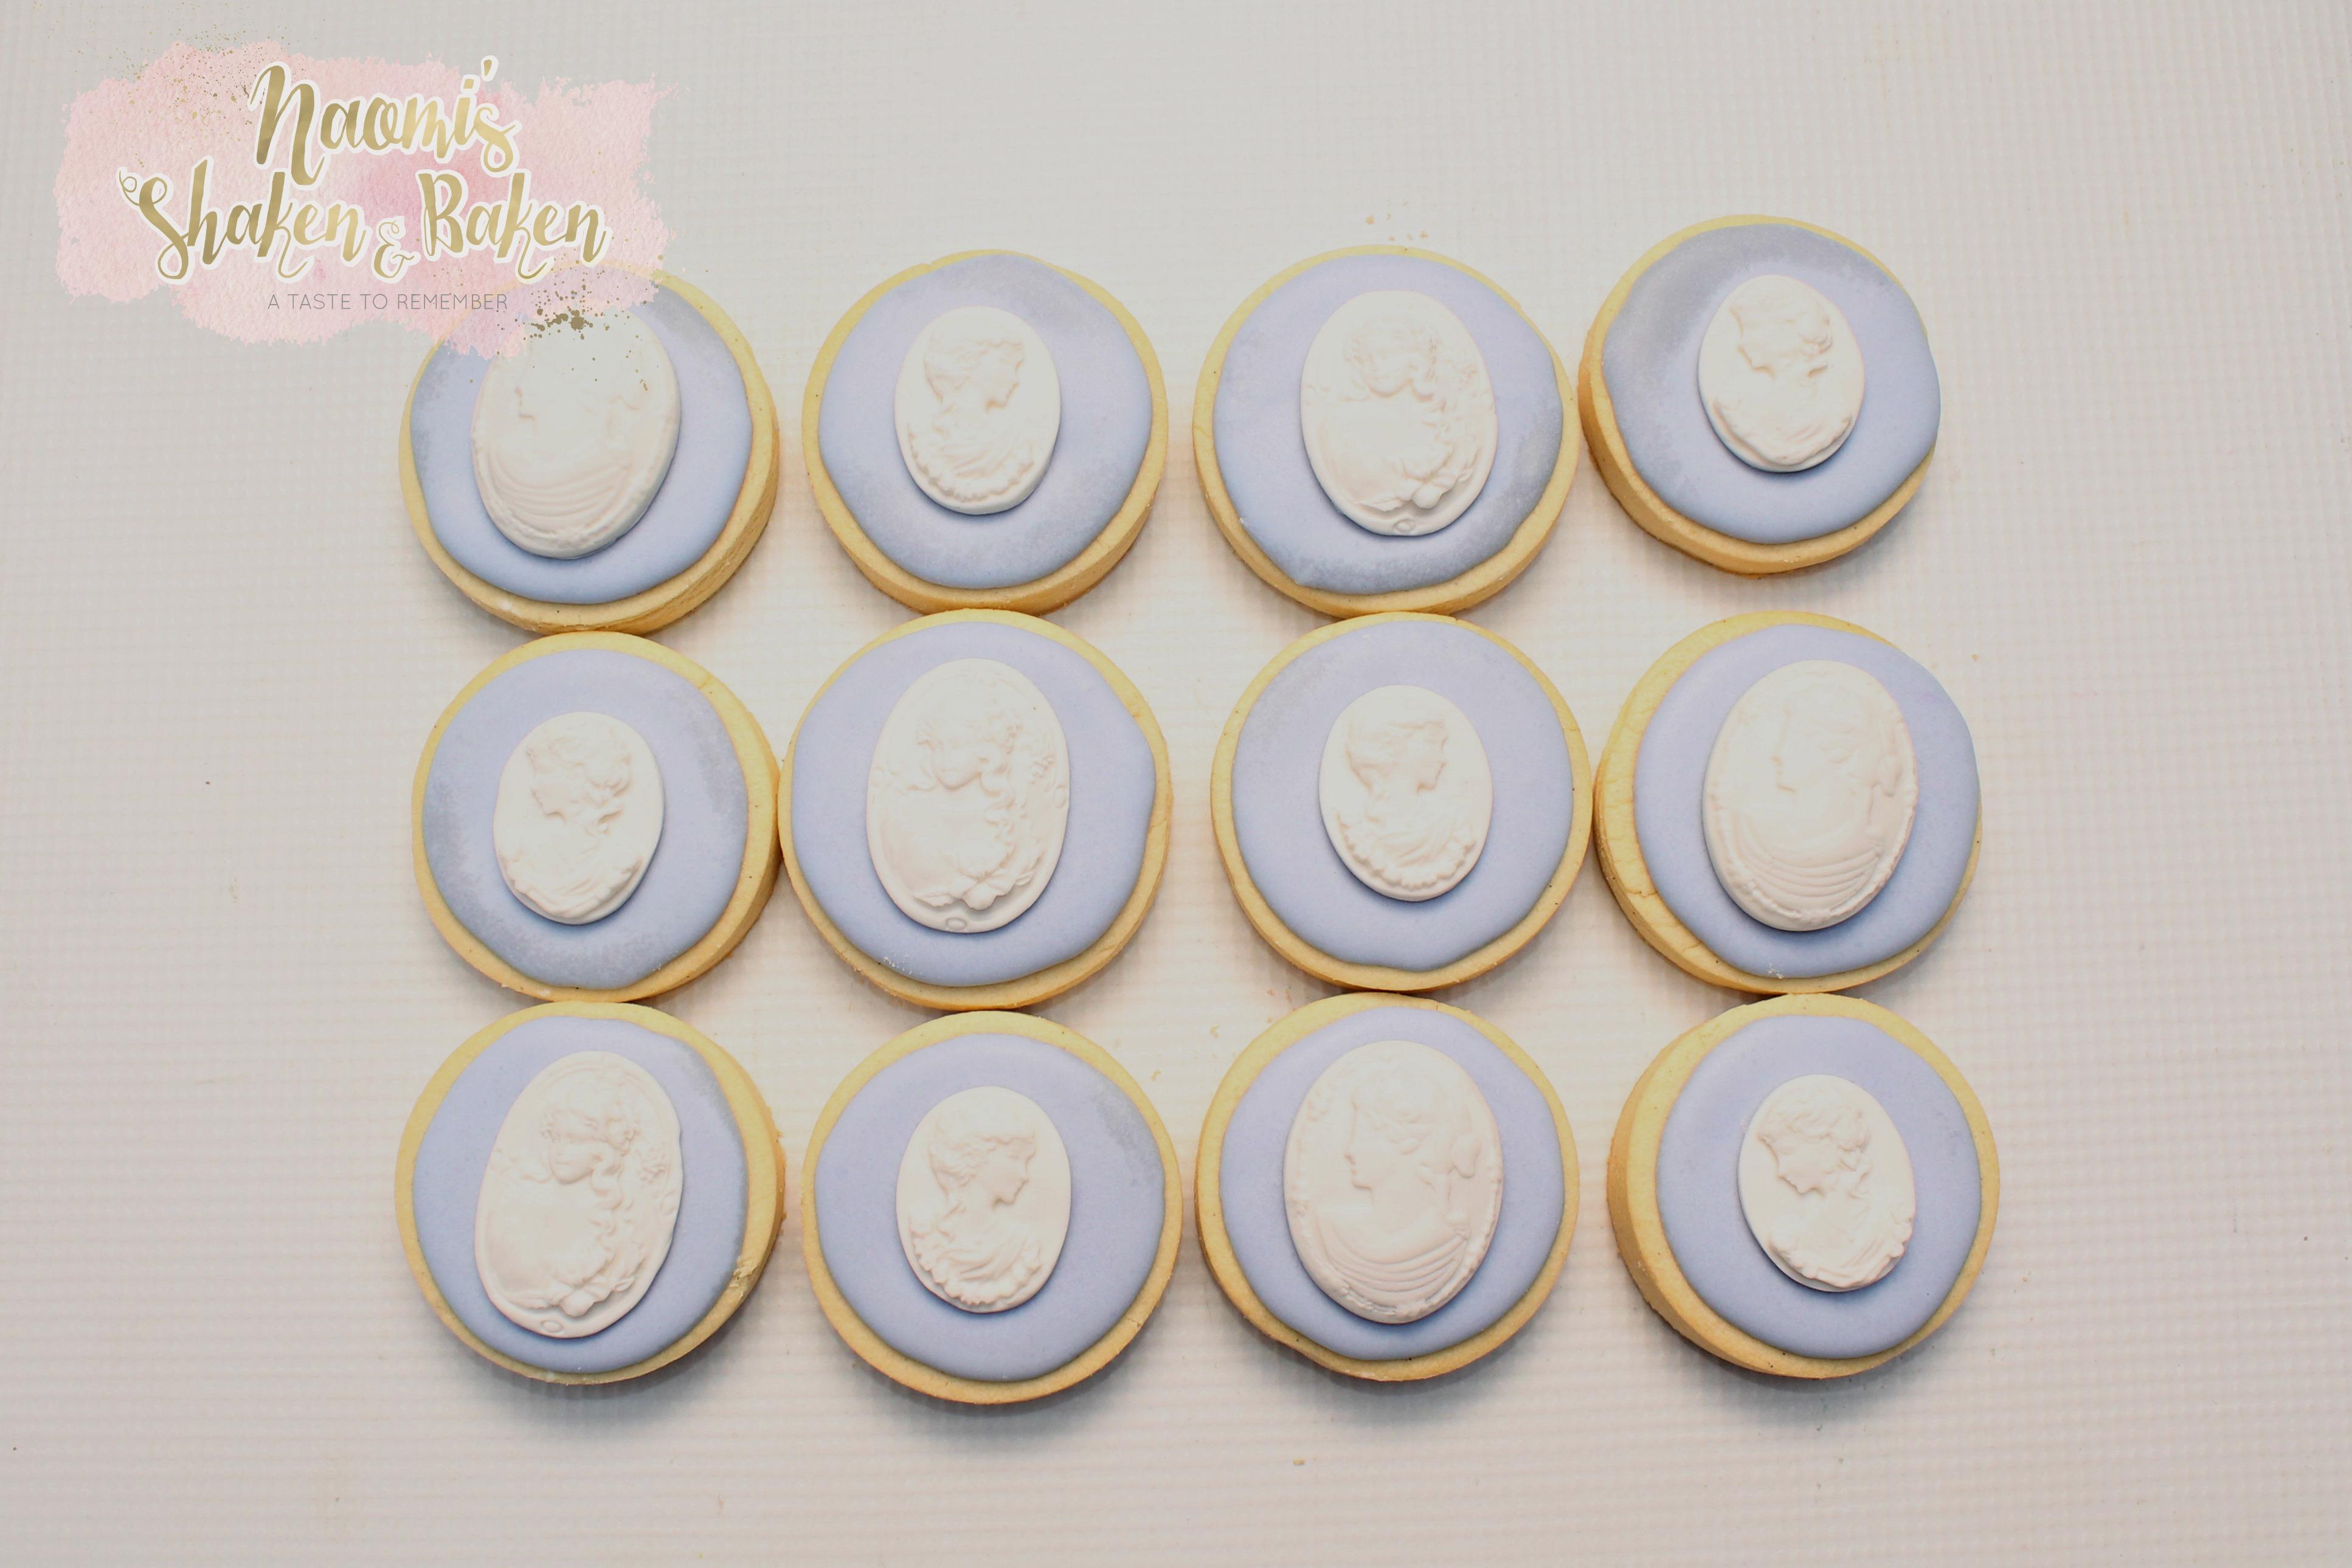 Vintage themed cookies